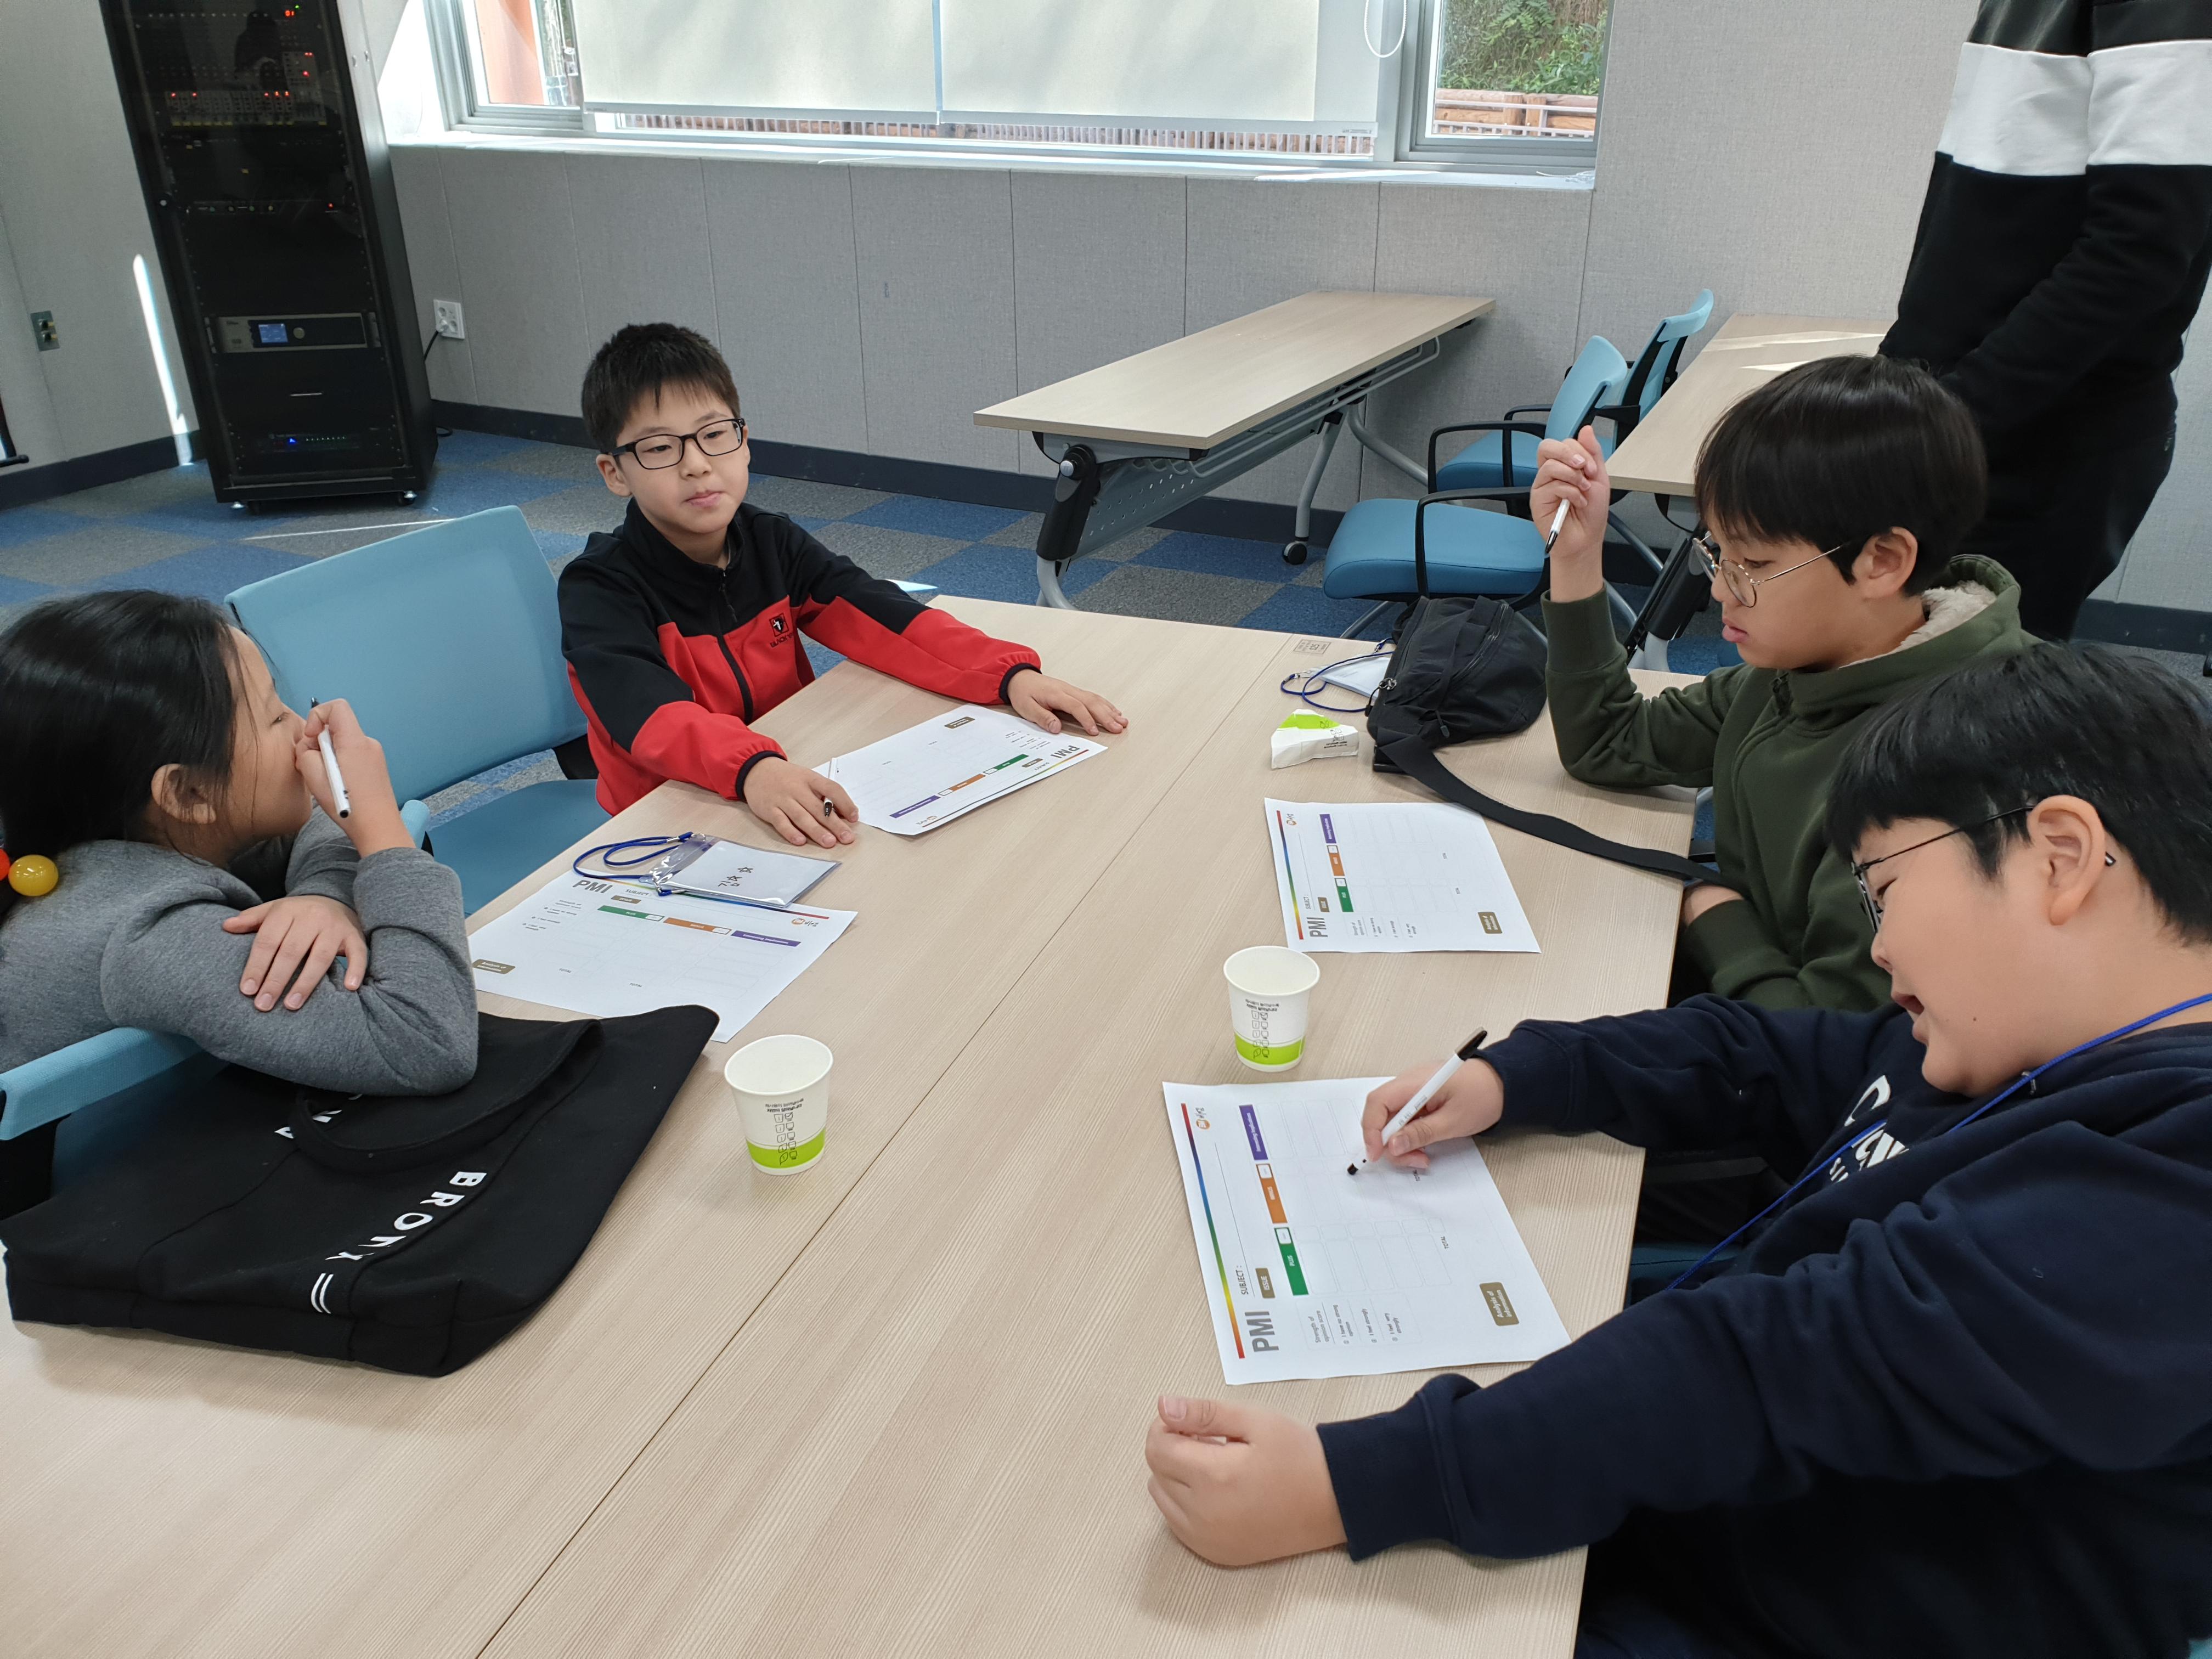 서울시와 함께하는 공유캠핑 두번째 이야기